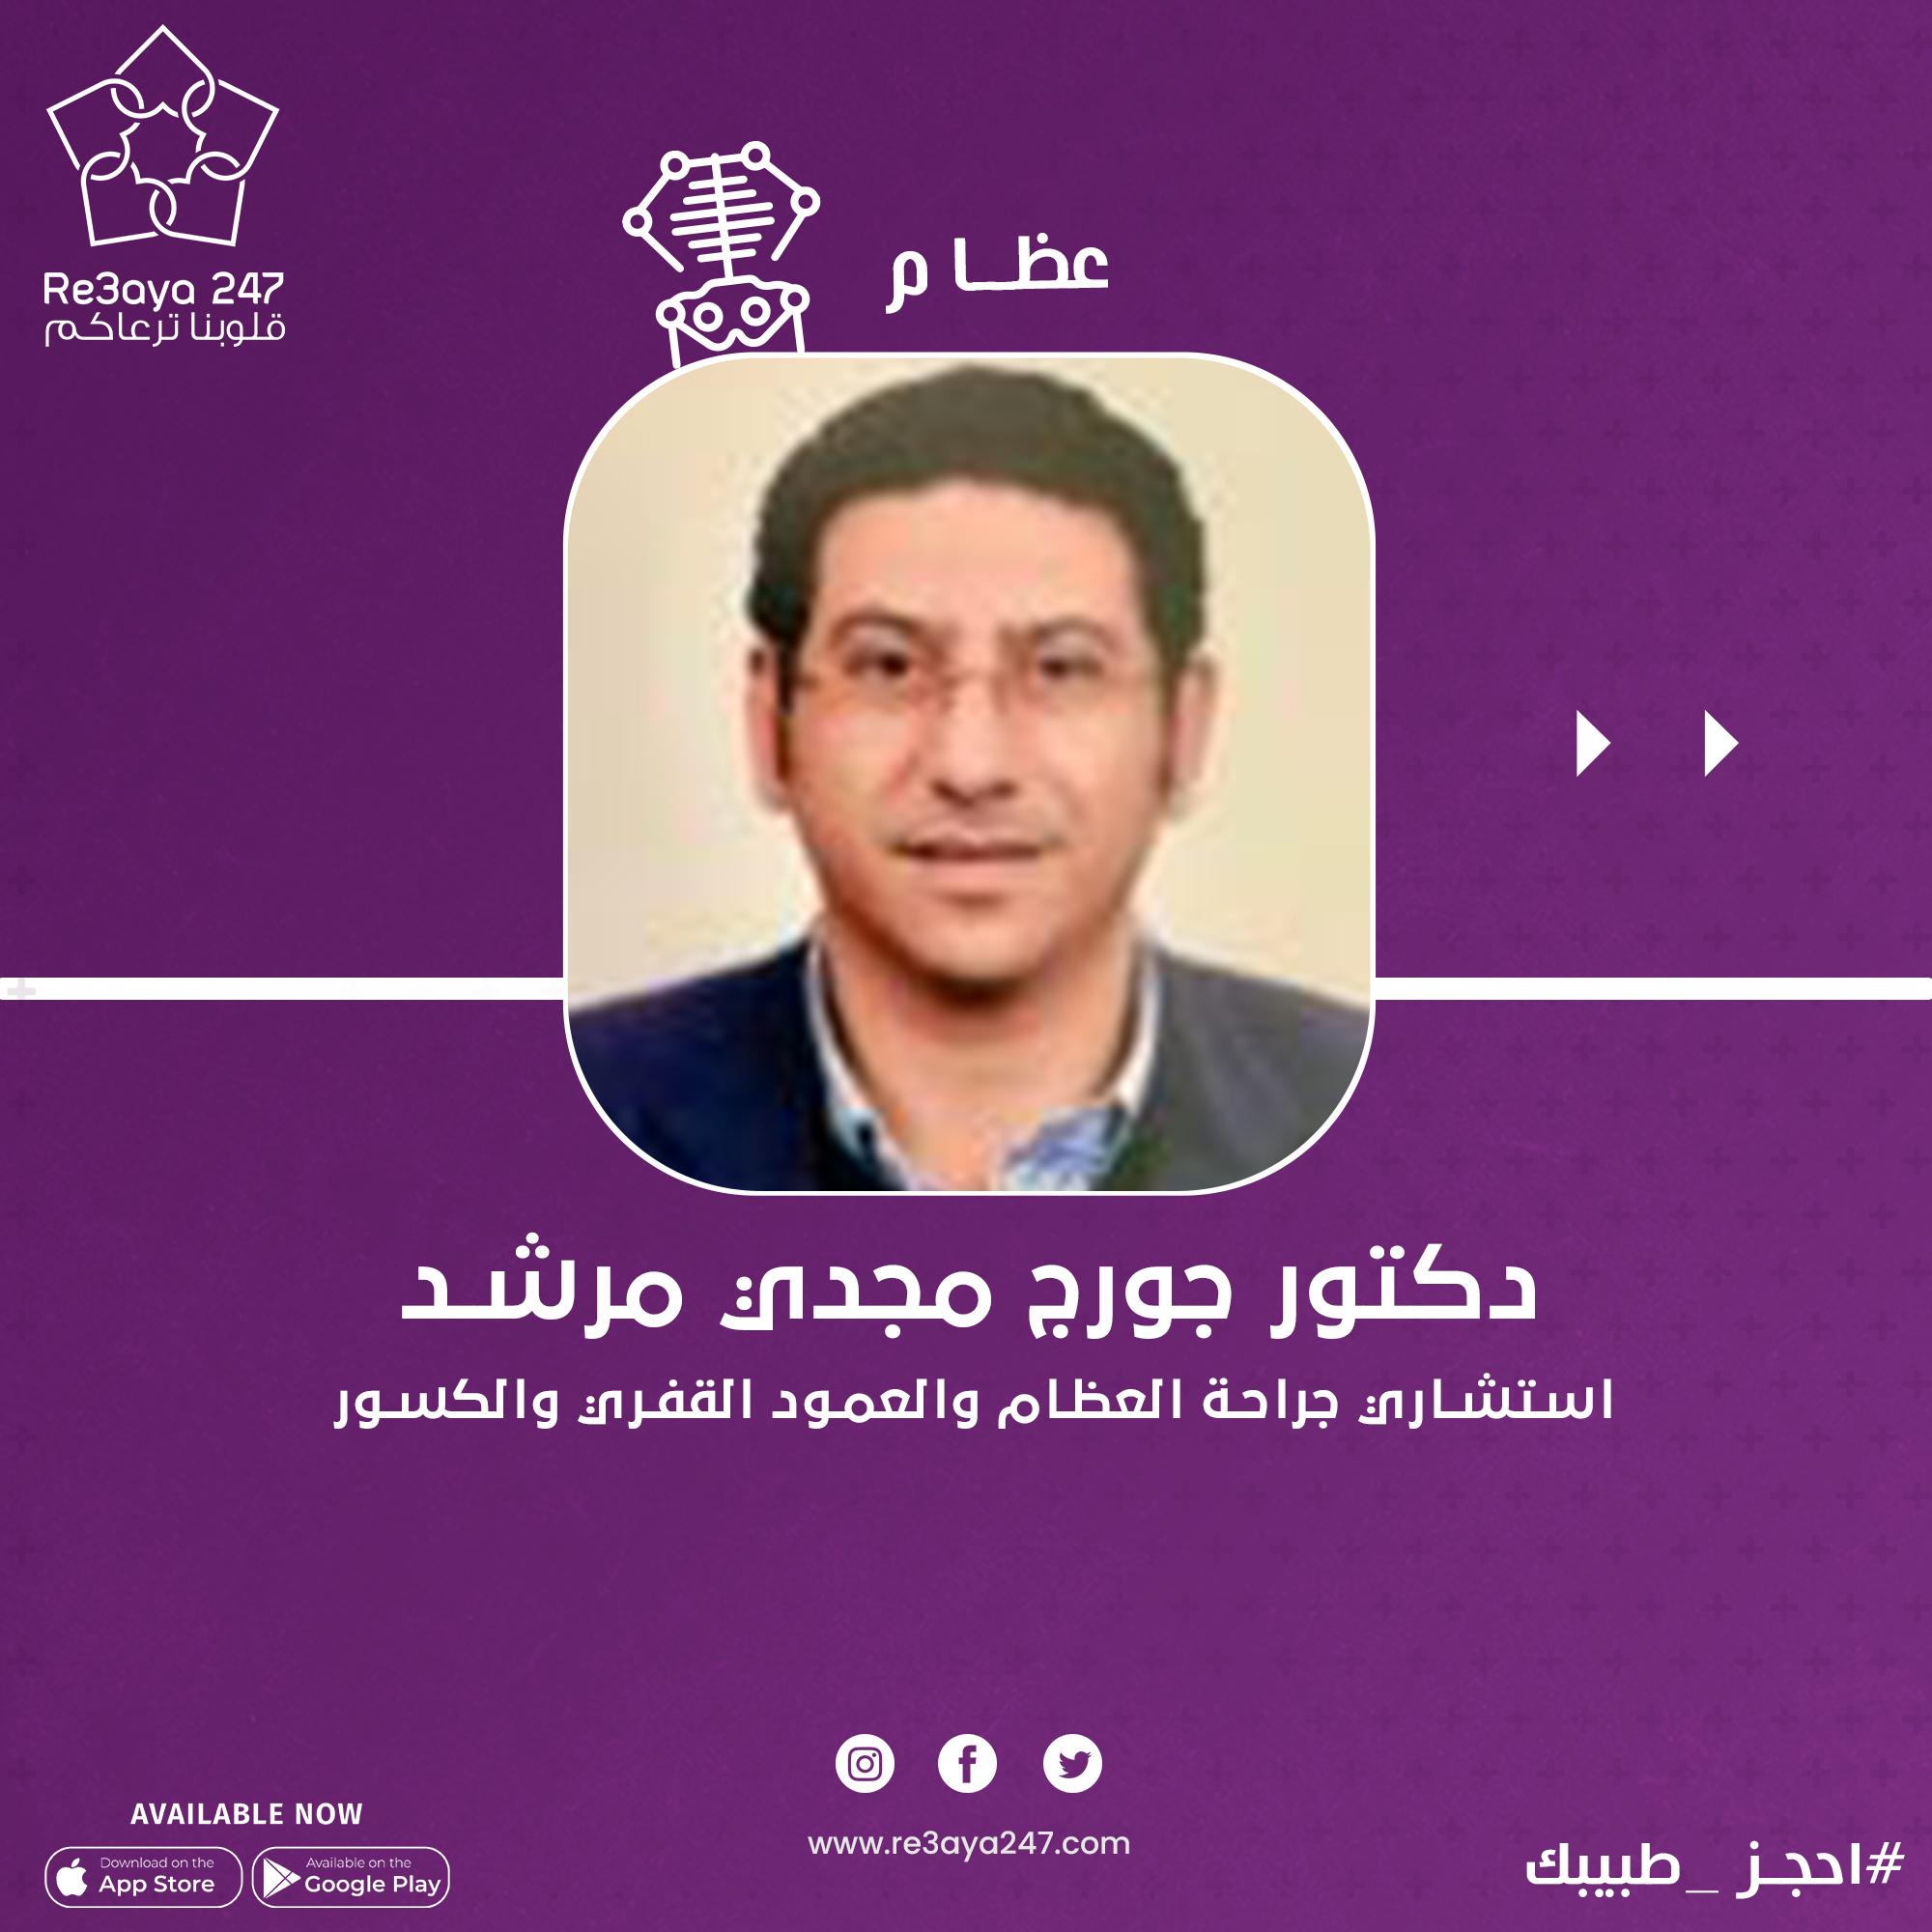 احجز مع د/جورج مجدى مرشد